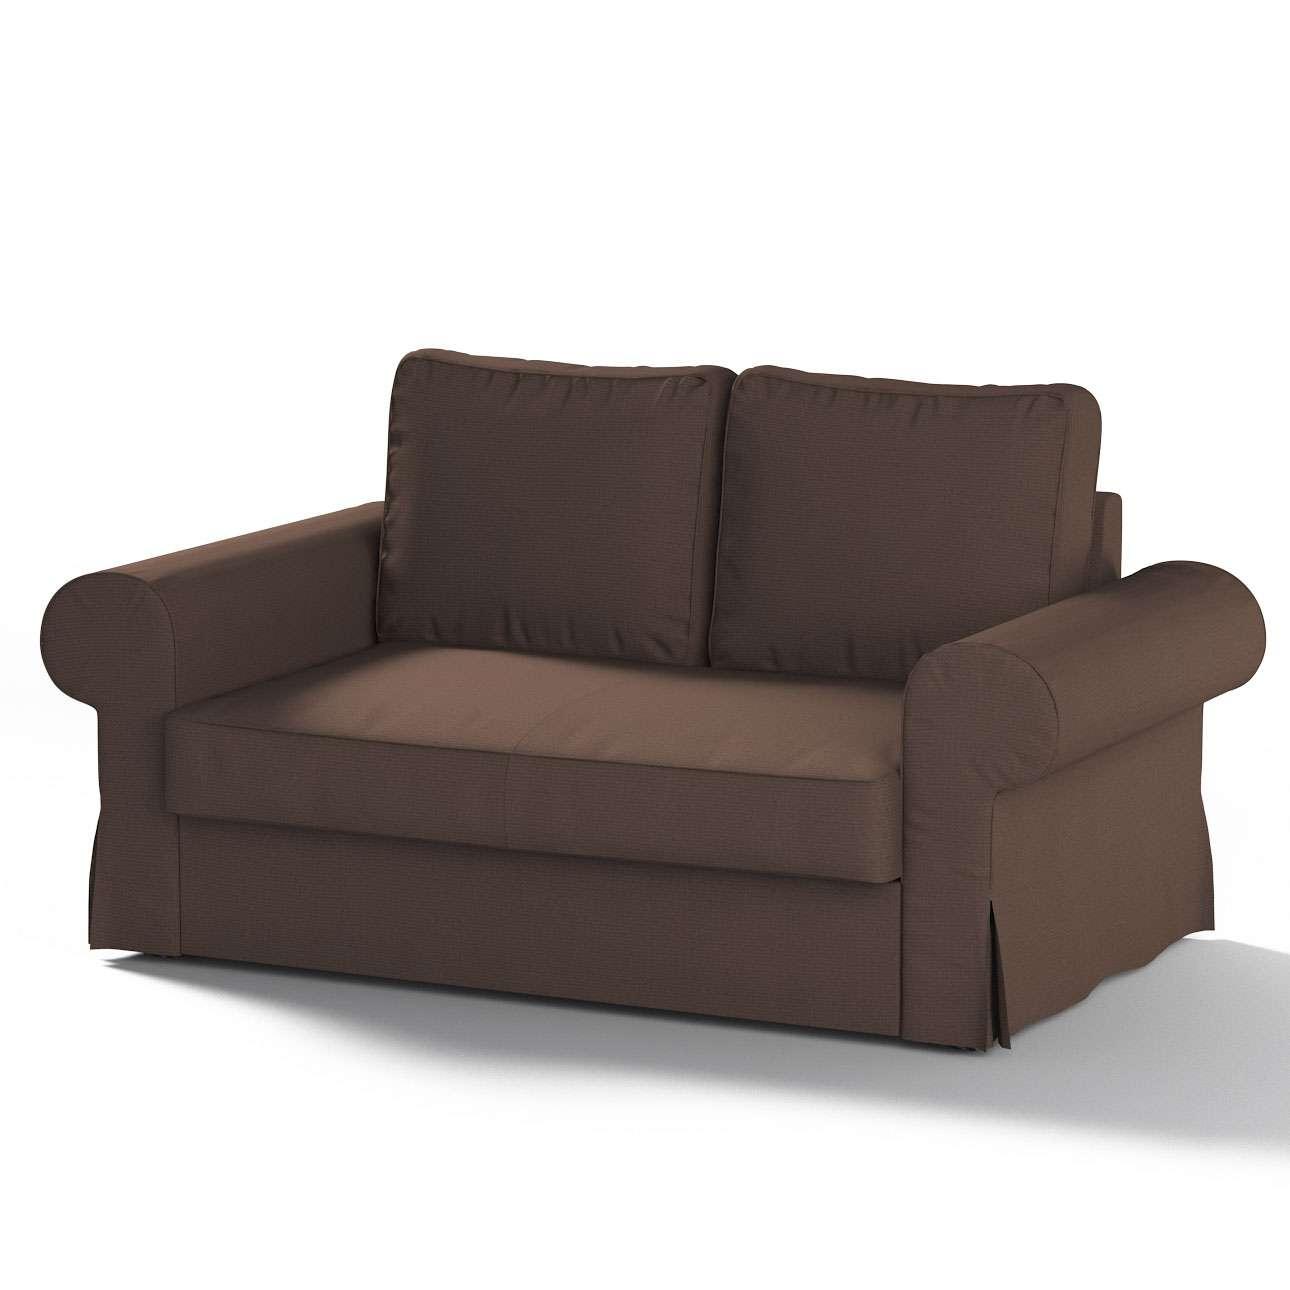 Pokrowiec na sofę Backabro 2-osobową rozkładaną sofa Backabro 2-osobowa rozkładana w kolekcji Etna , tkanina: 705-08